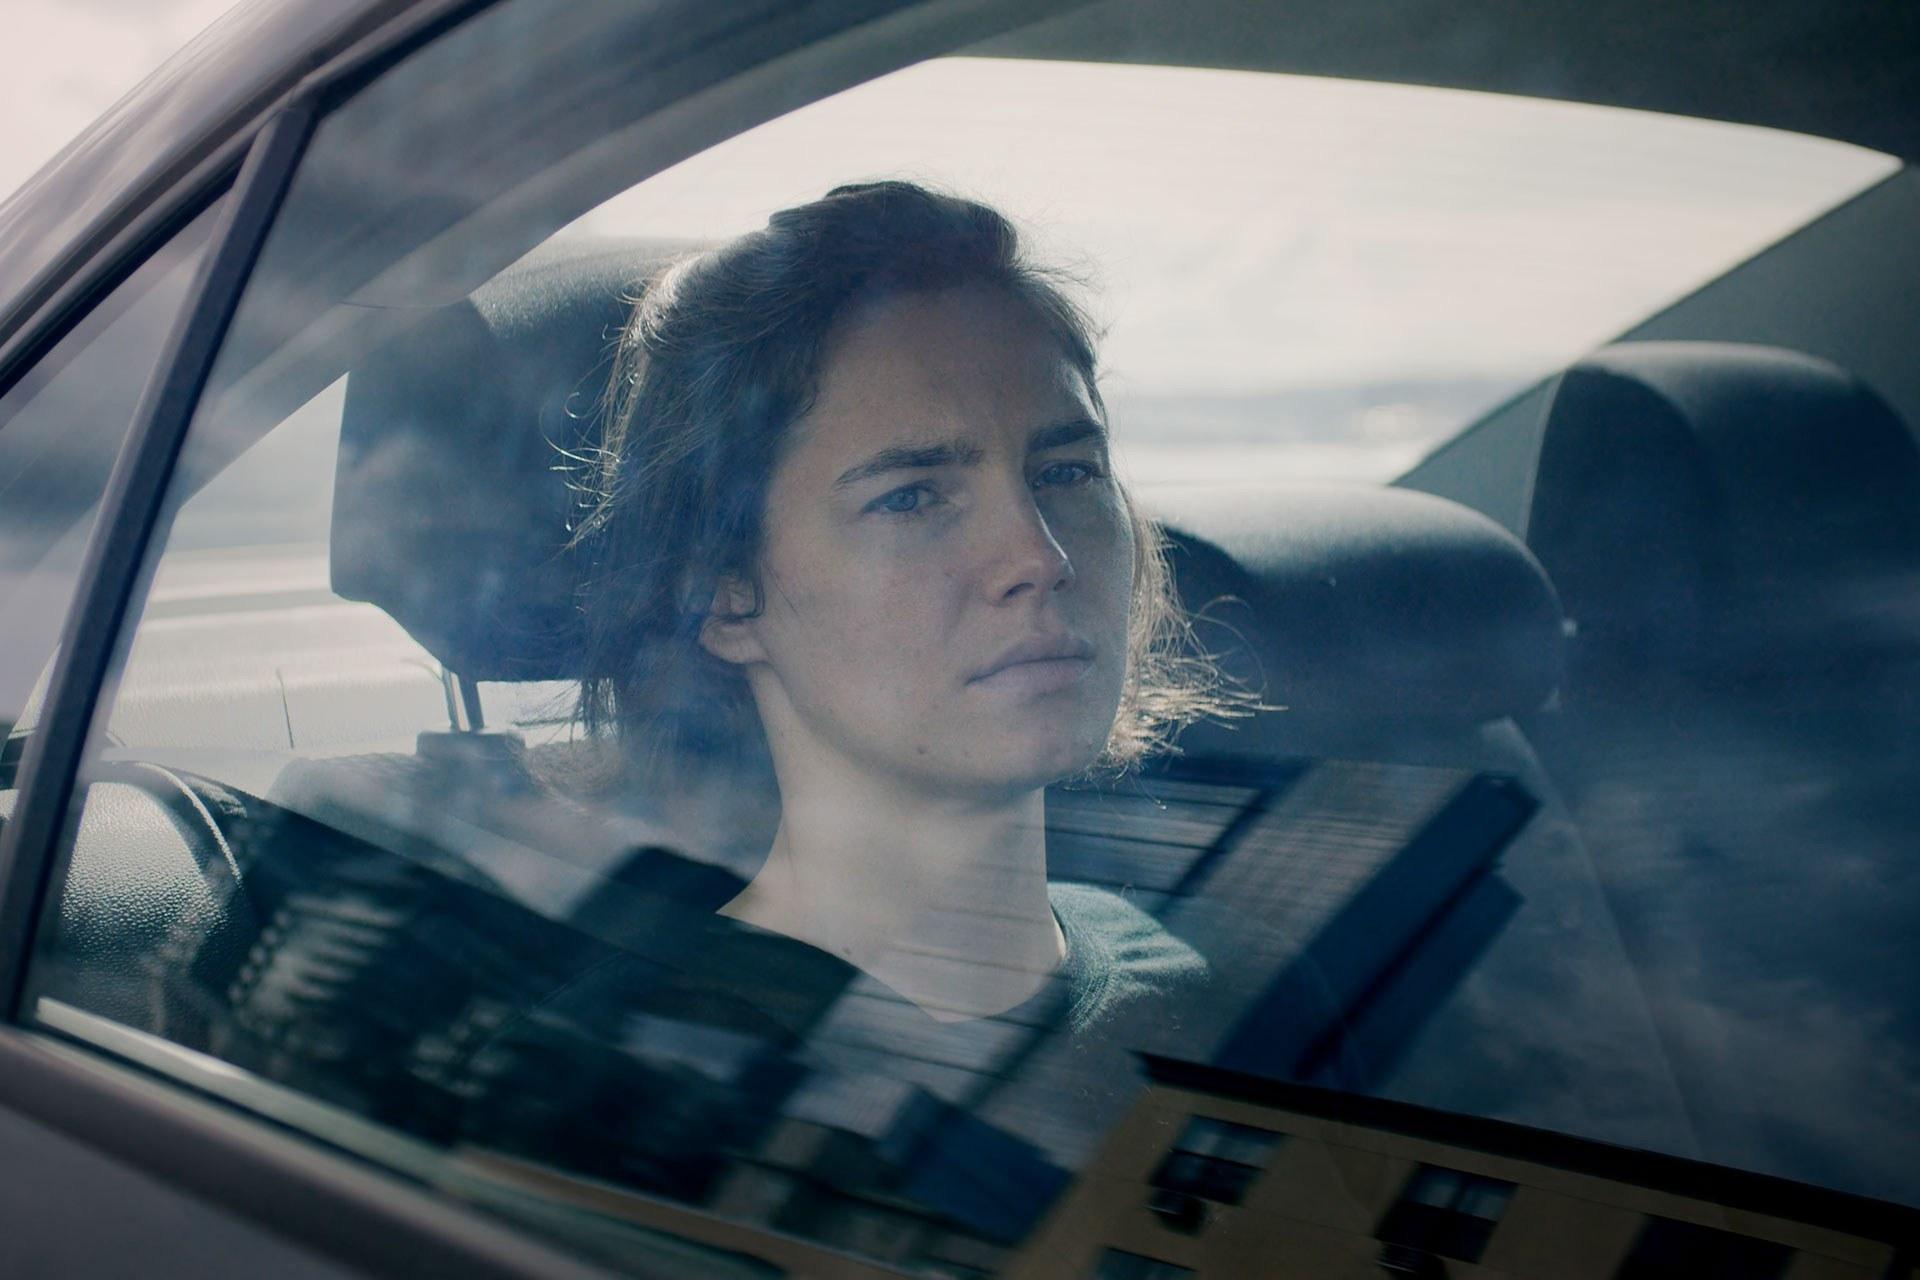 Una mujer mirando a través de la ventana de un auto en el asiento trasero